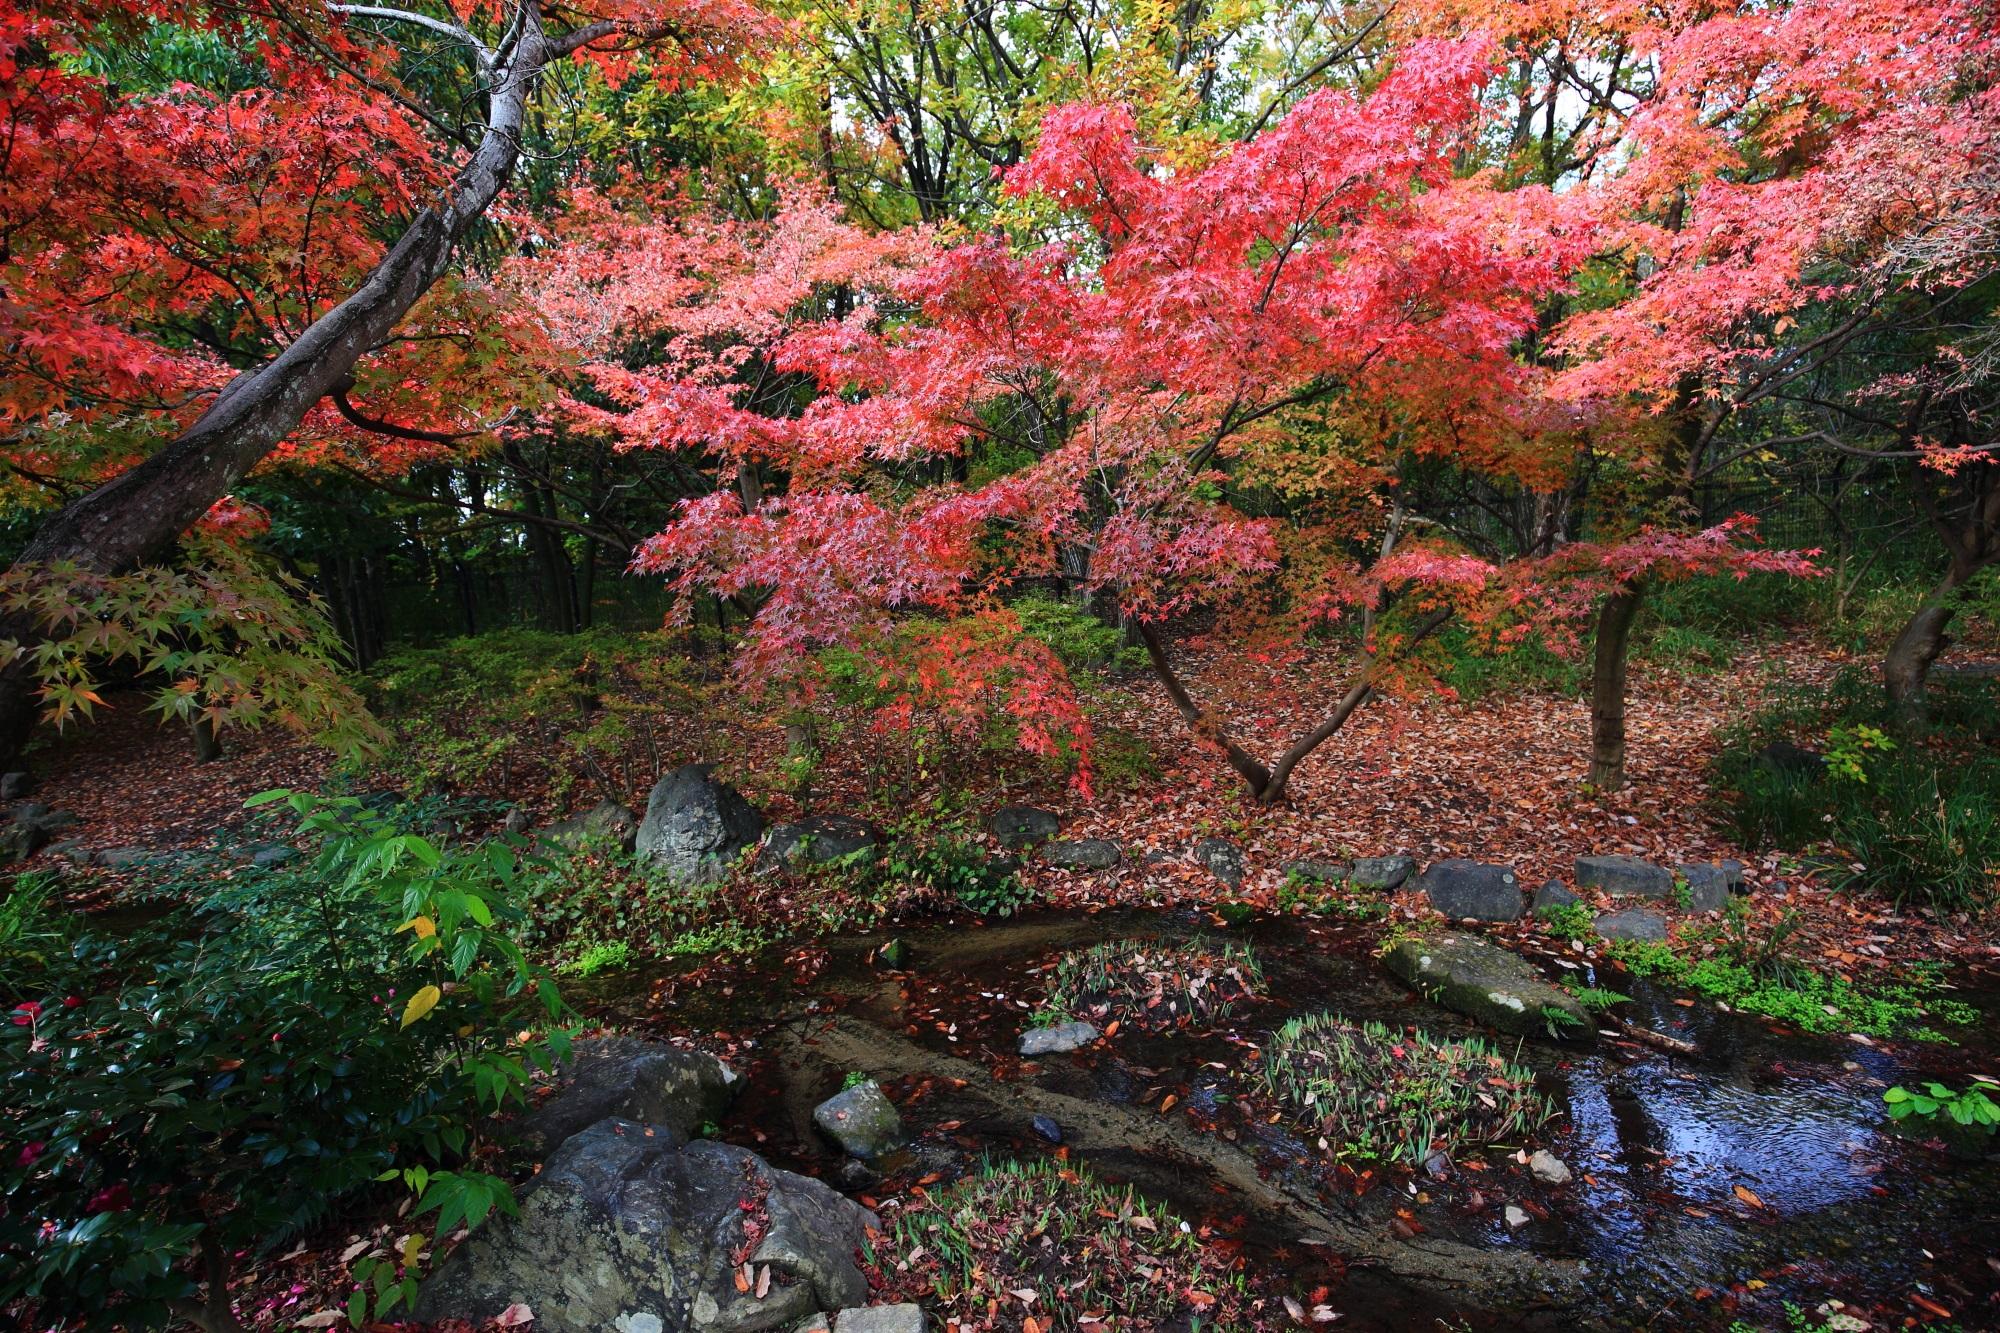 綺麗な紅葉につつまれたもみじの名所の梅小路公園